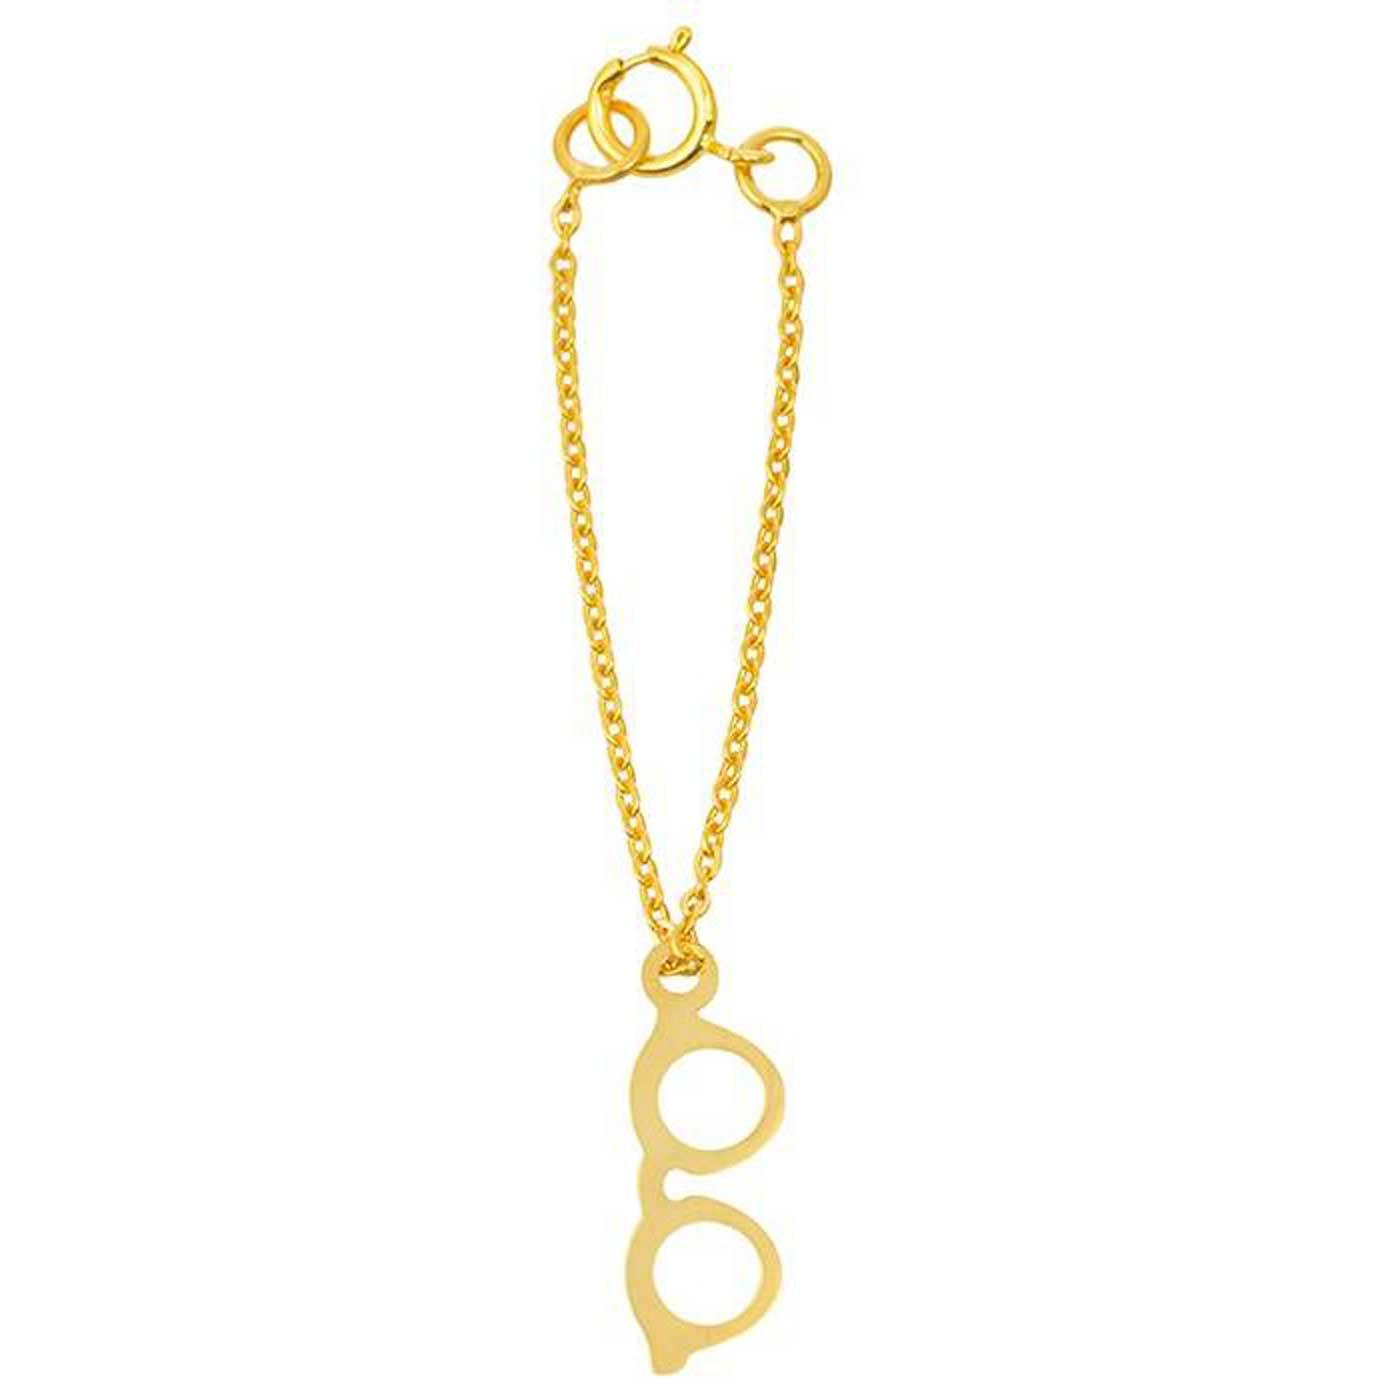 آویز ساعت طلا 18 عیار زنانه کانیار گالری کد AS90 -  - 1